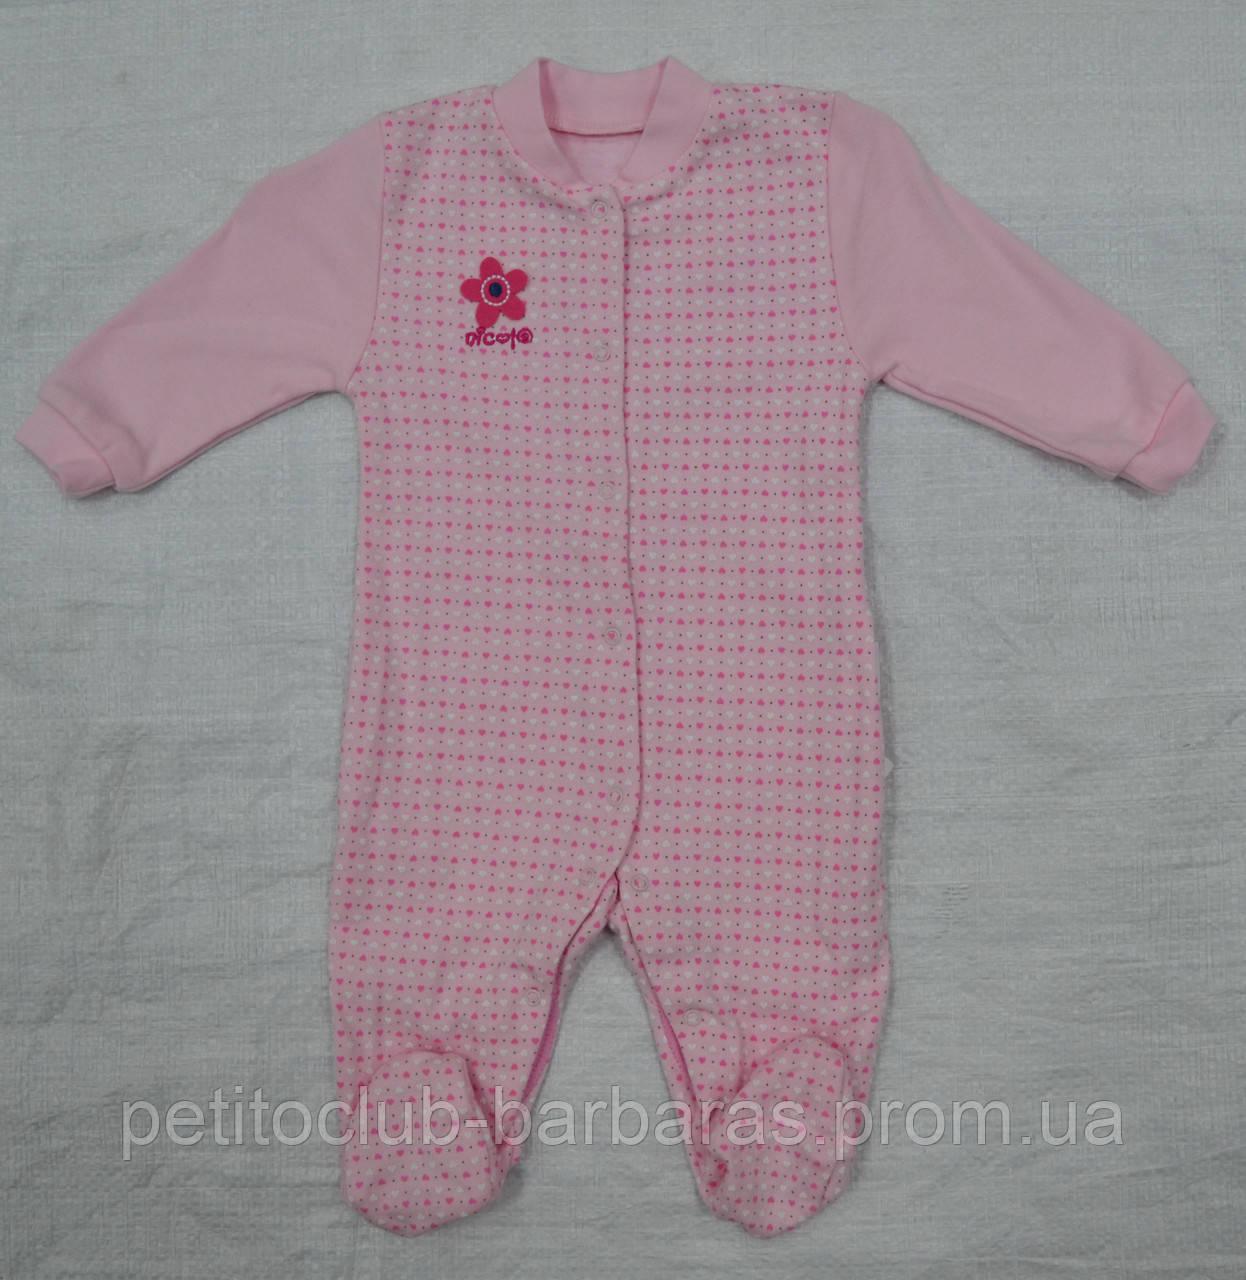 Человечек хлопковый Сердечки розовый (Nicol, Польша)